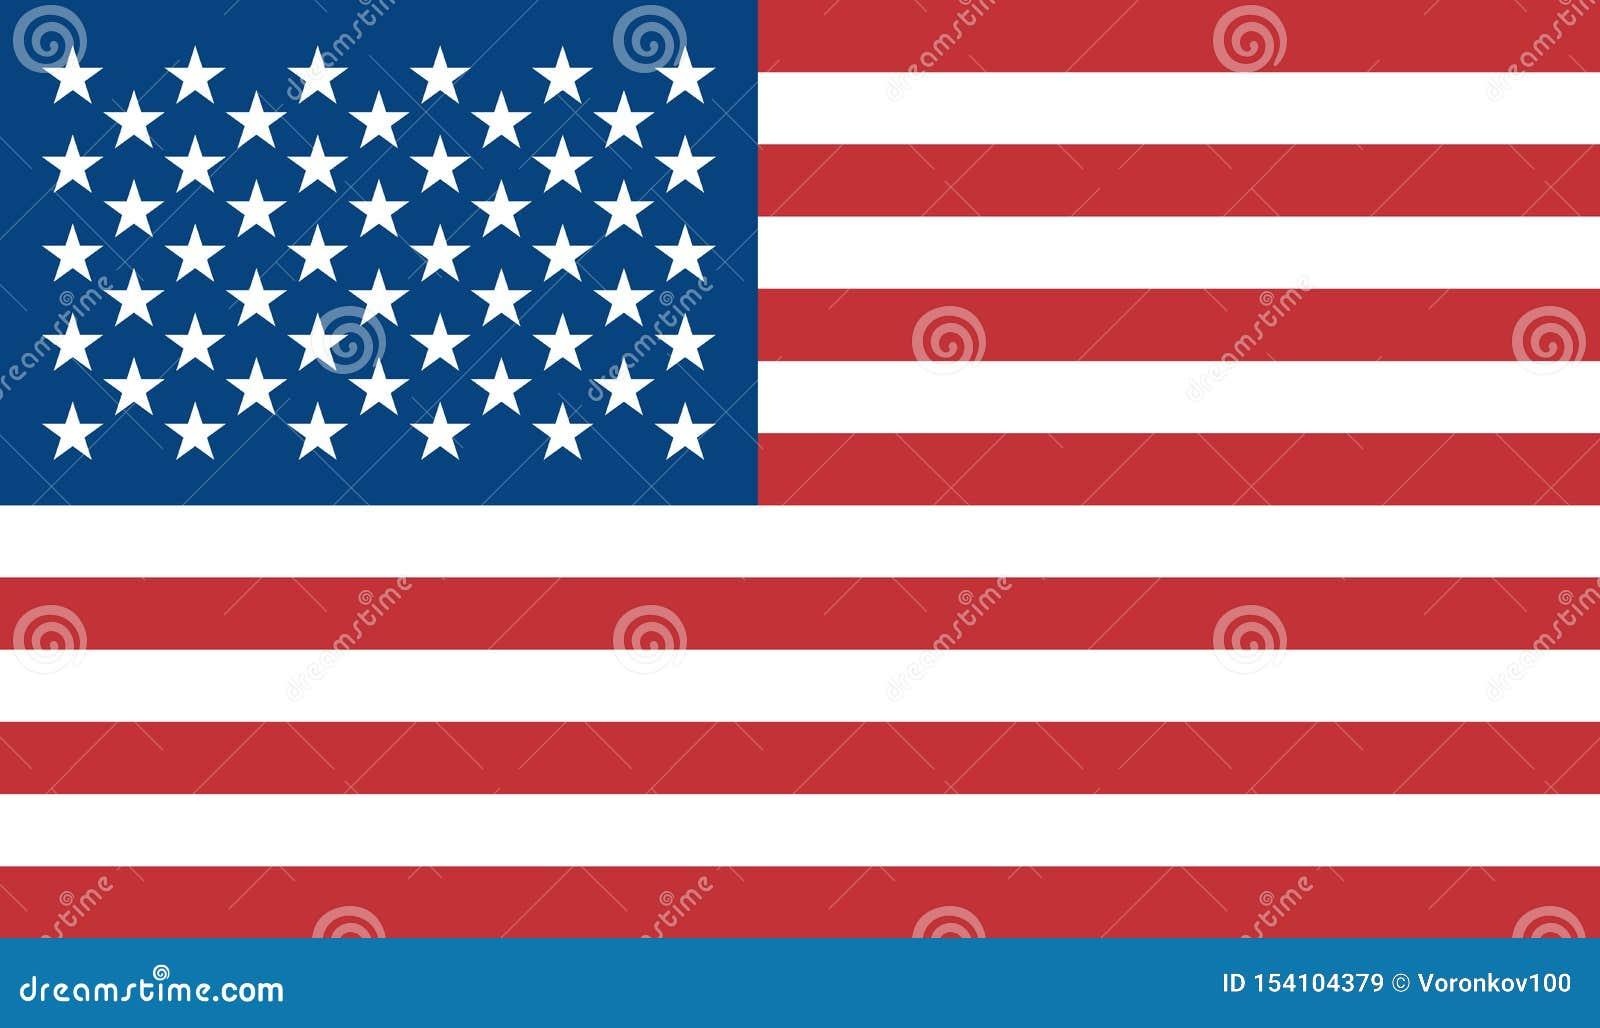 Le drapeau des Etats-Unis d Amérique est coloré Drapeau coloré de vecteur des USA Bleu, rouge, blanc Objectez le fond d isolement